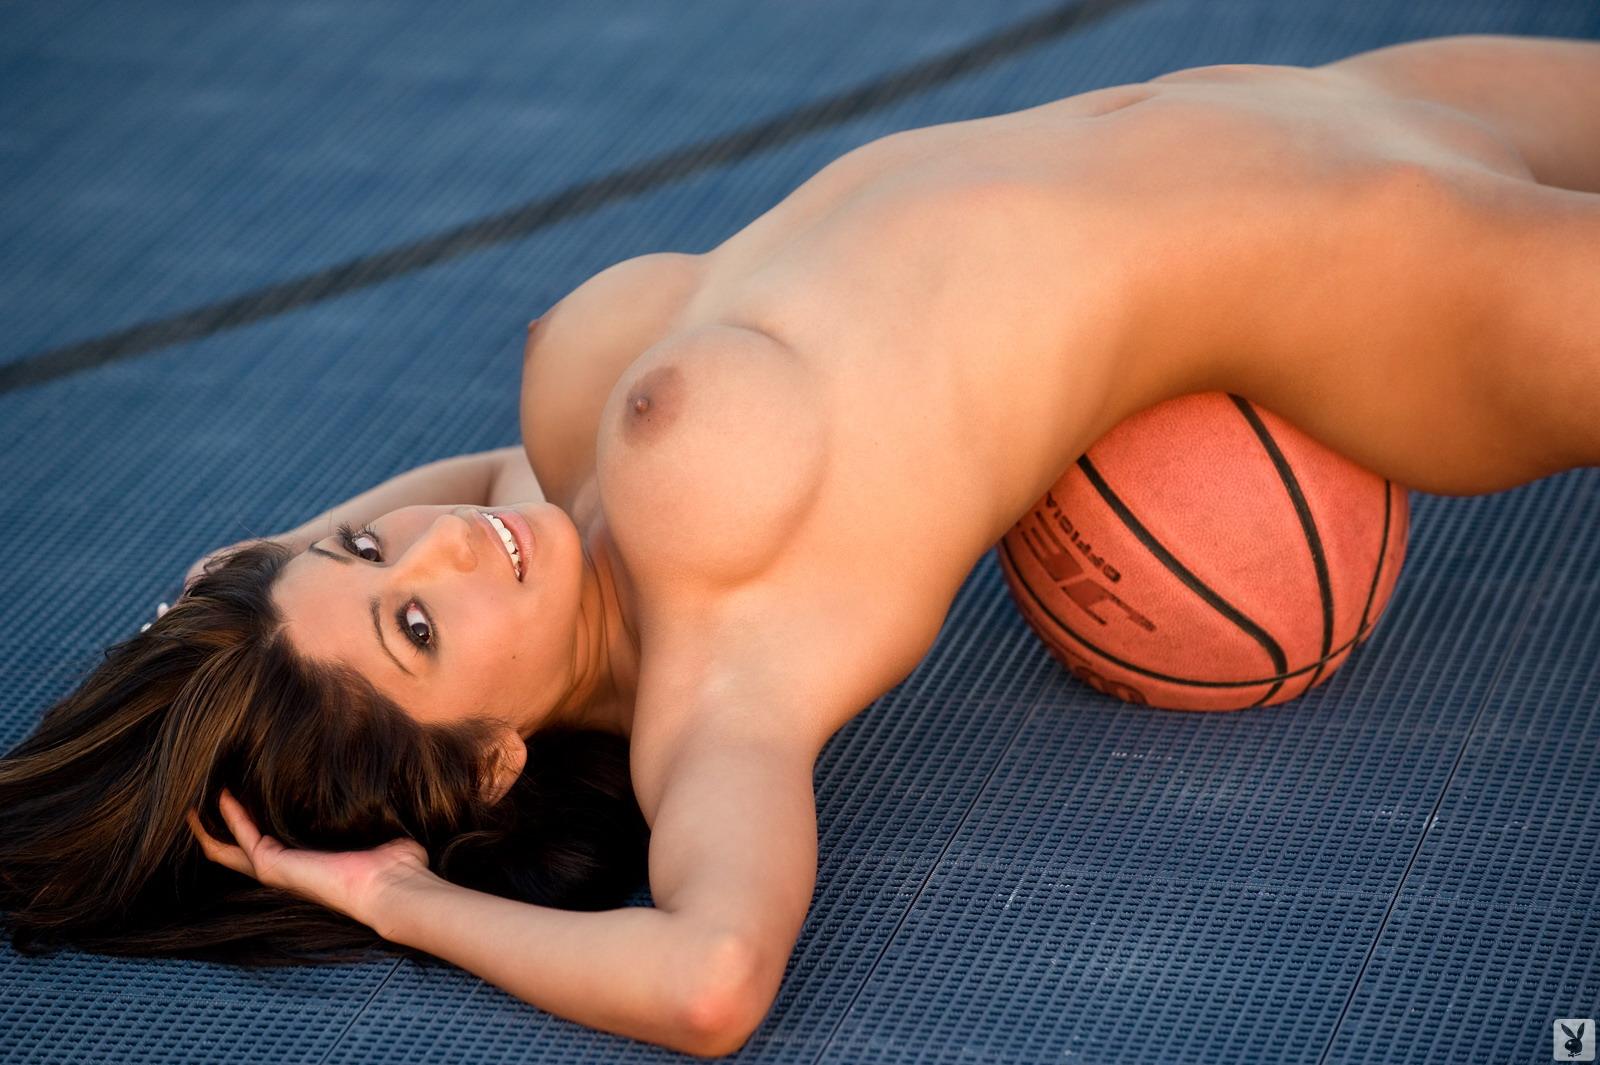 Самая классная попка спортсменки эротика